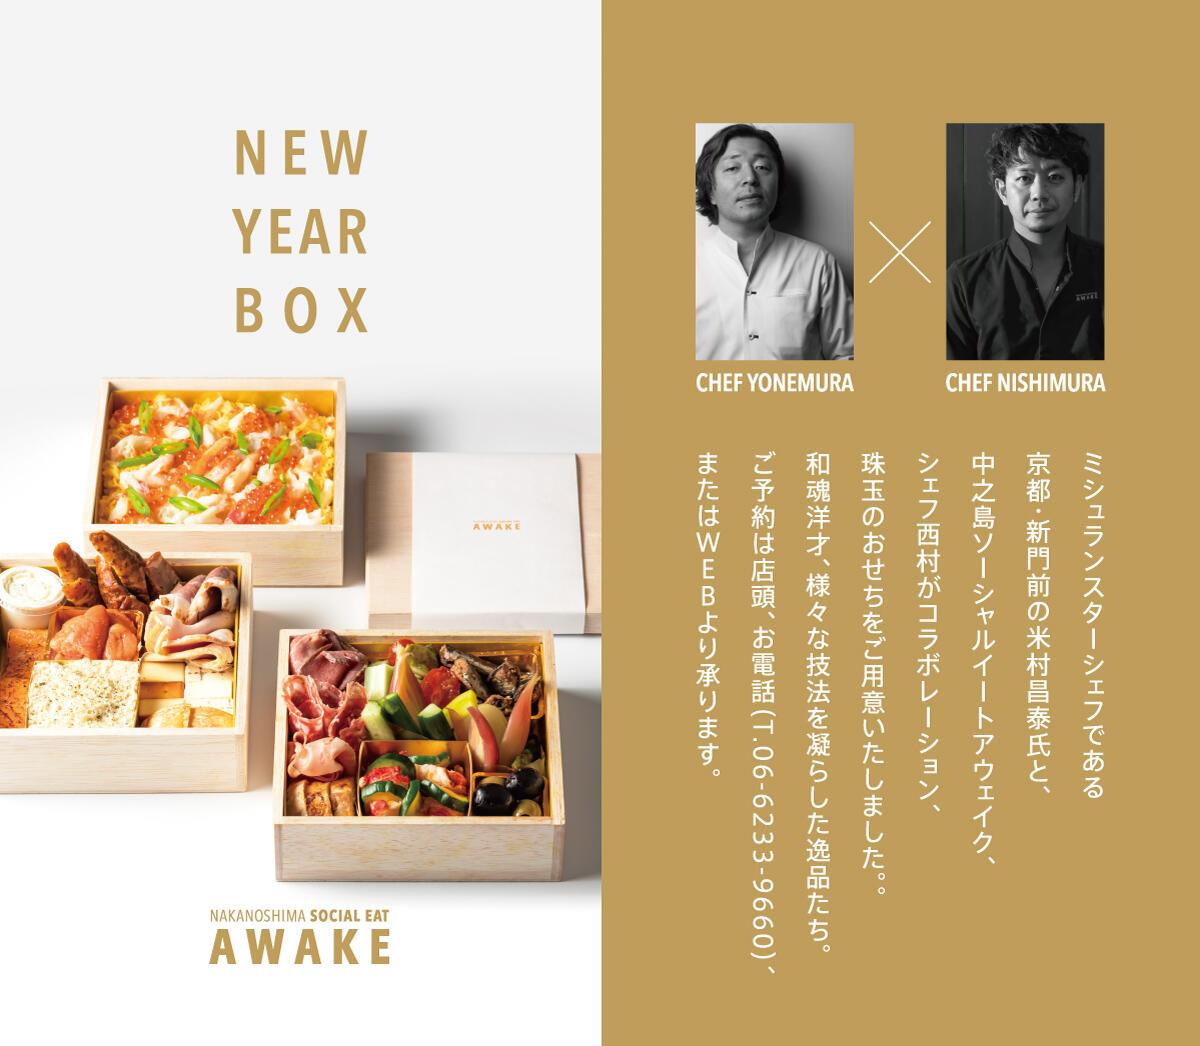 awake_2012_osechi_1.jpg